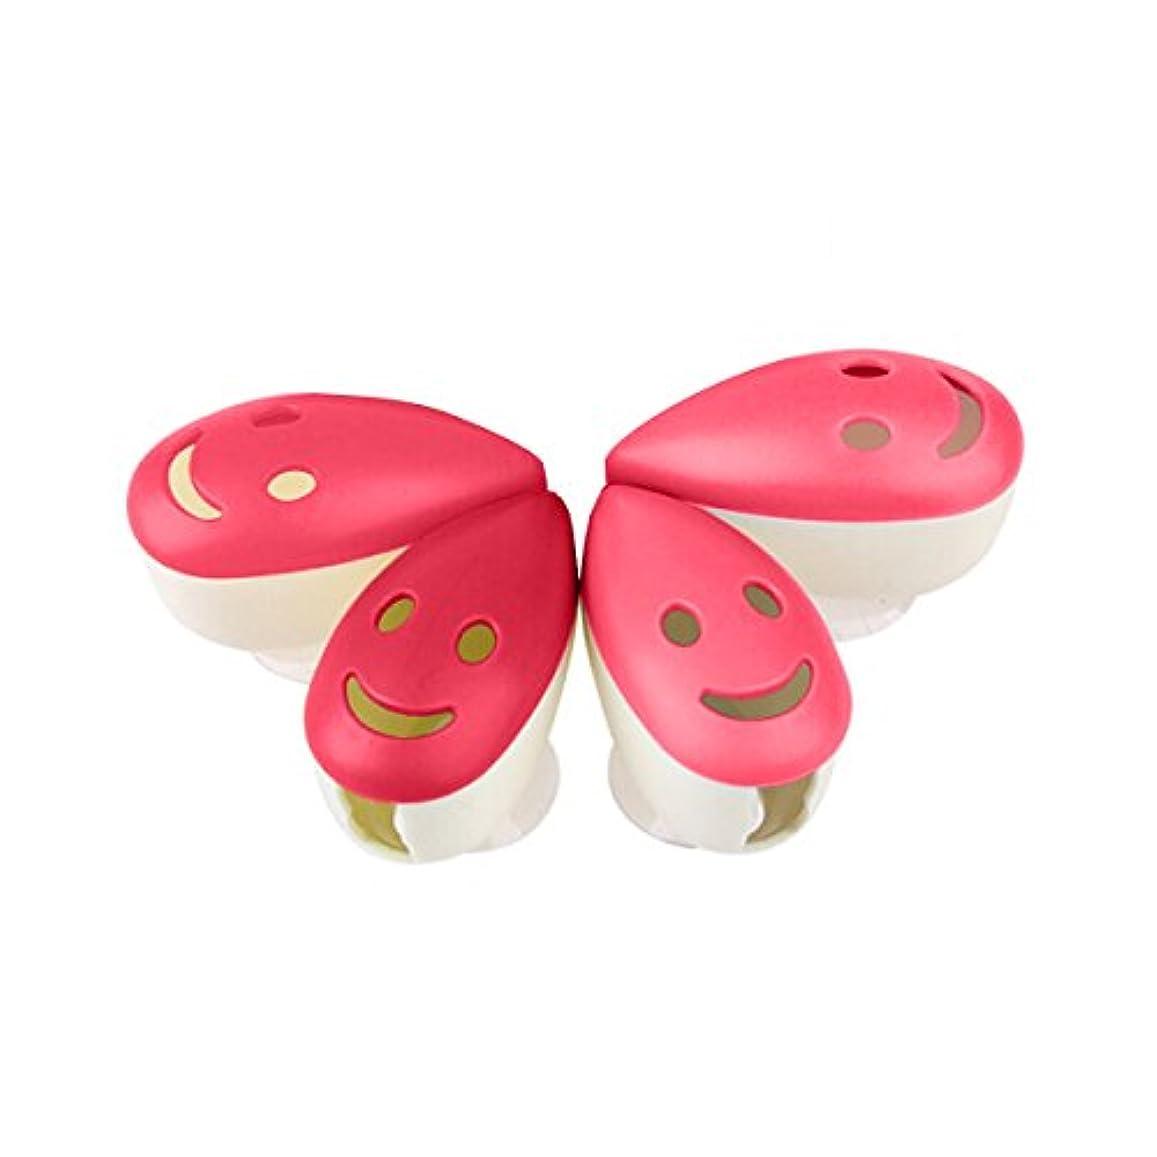 忠実に偶然のミントROSENICE 歯ブラシケース4個のスマイルフェイス抗菌歯ブラシホルダーサクションカップ(混合色)